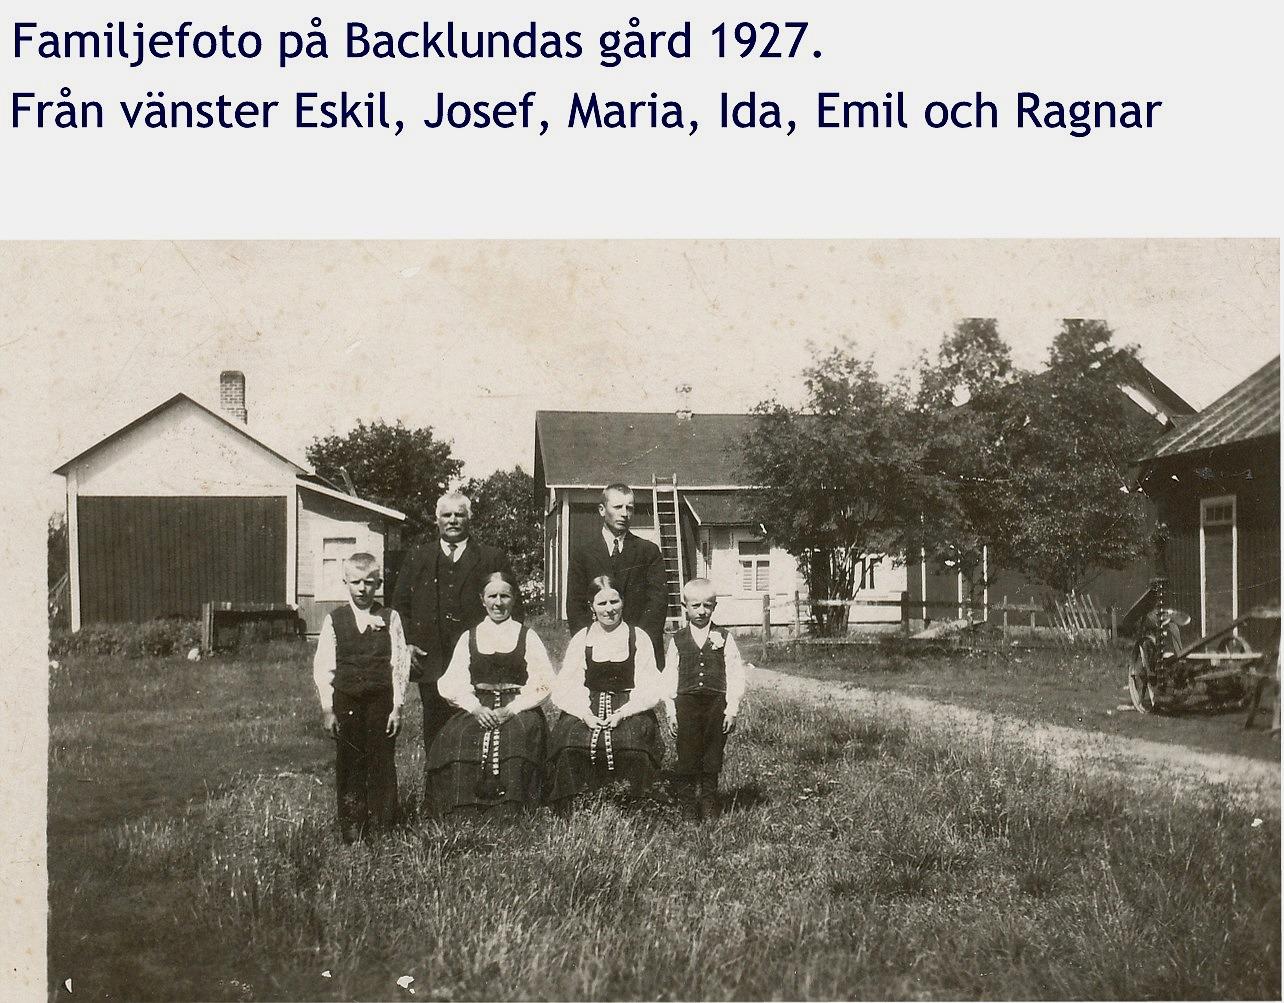 Familjefoto från 1927 med den gården i bakgrunden sådan den såg ut före renoveringen i början på 50-talet.